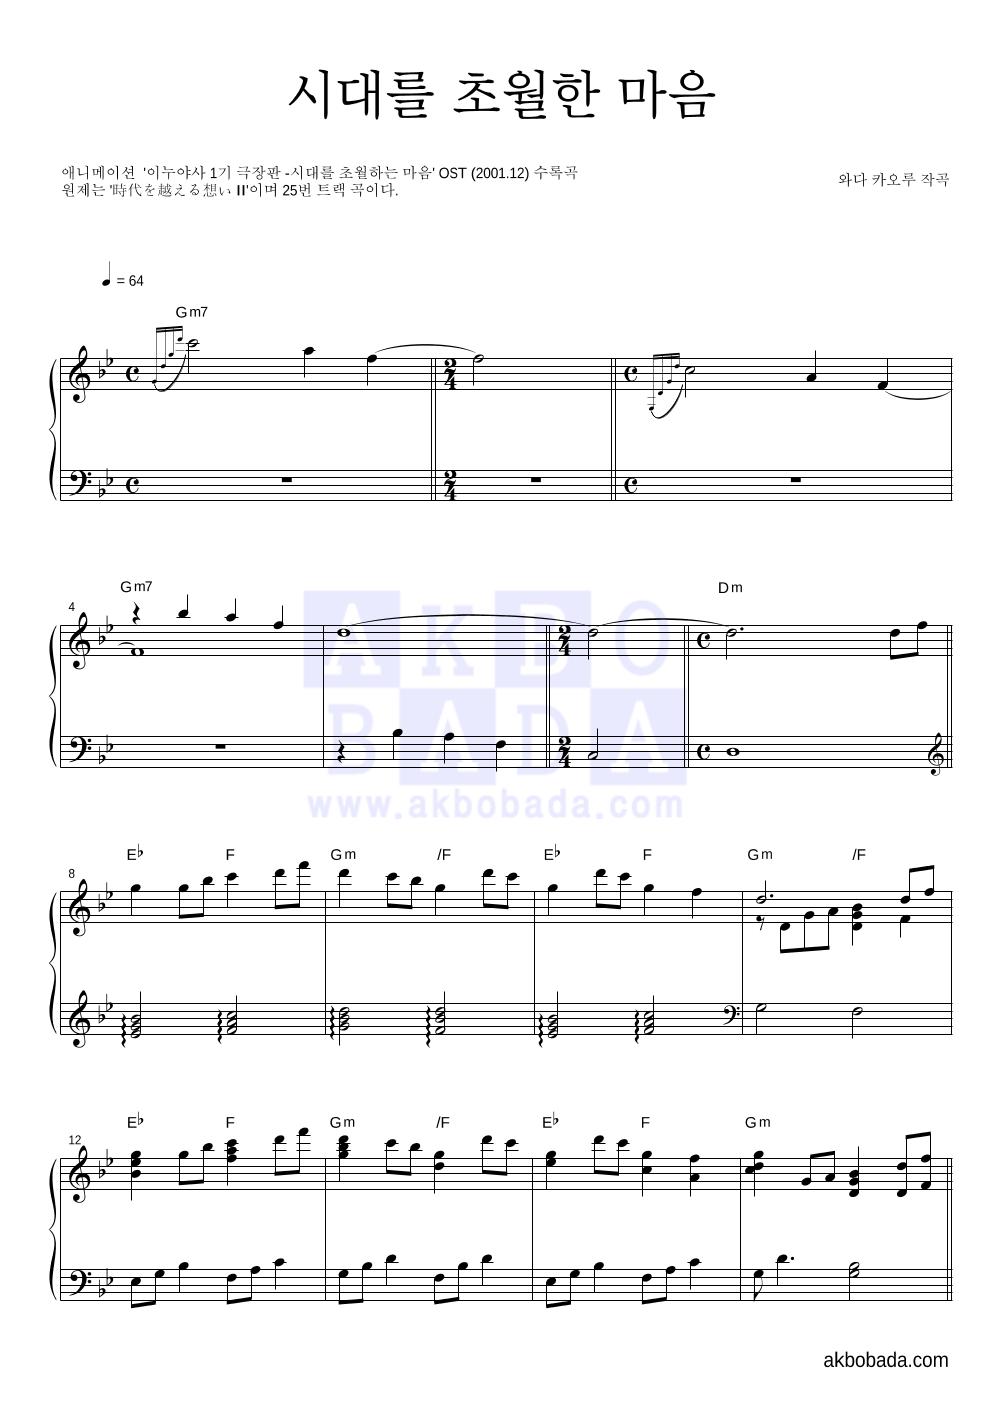 이누야사 OST - 시대를 초월한 마음 피아노 2단 악보